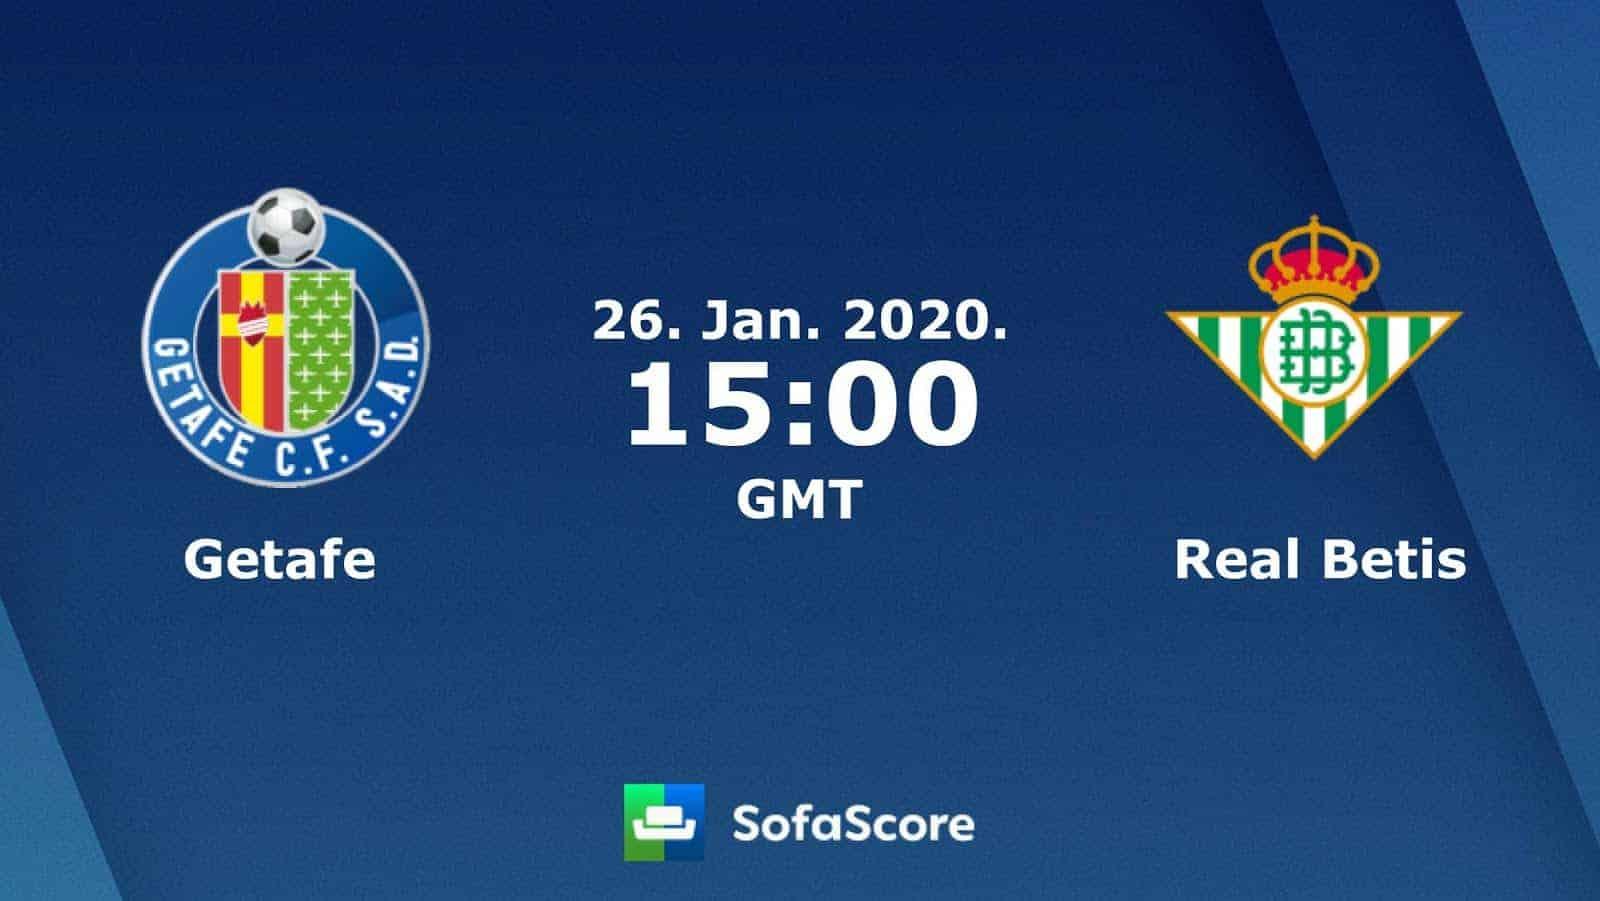 Soi kèo nhà cái Getafe vs Real Betis, 26/01/2020 – VĐQG Tây Ban Nha (La Liga)